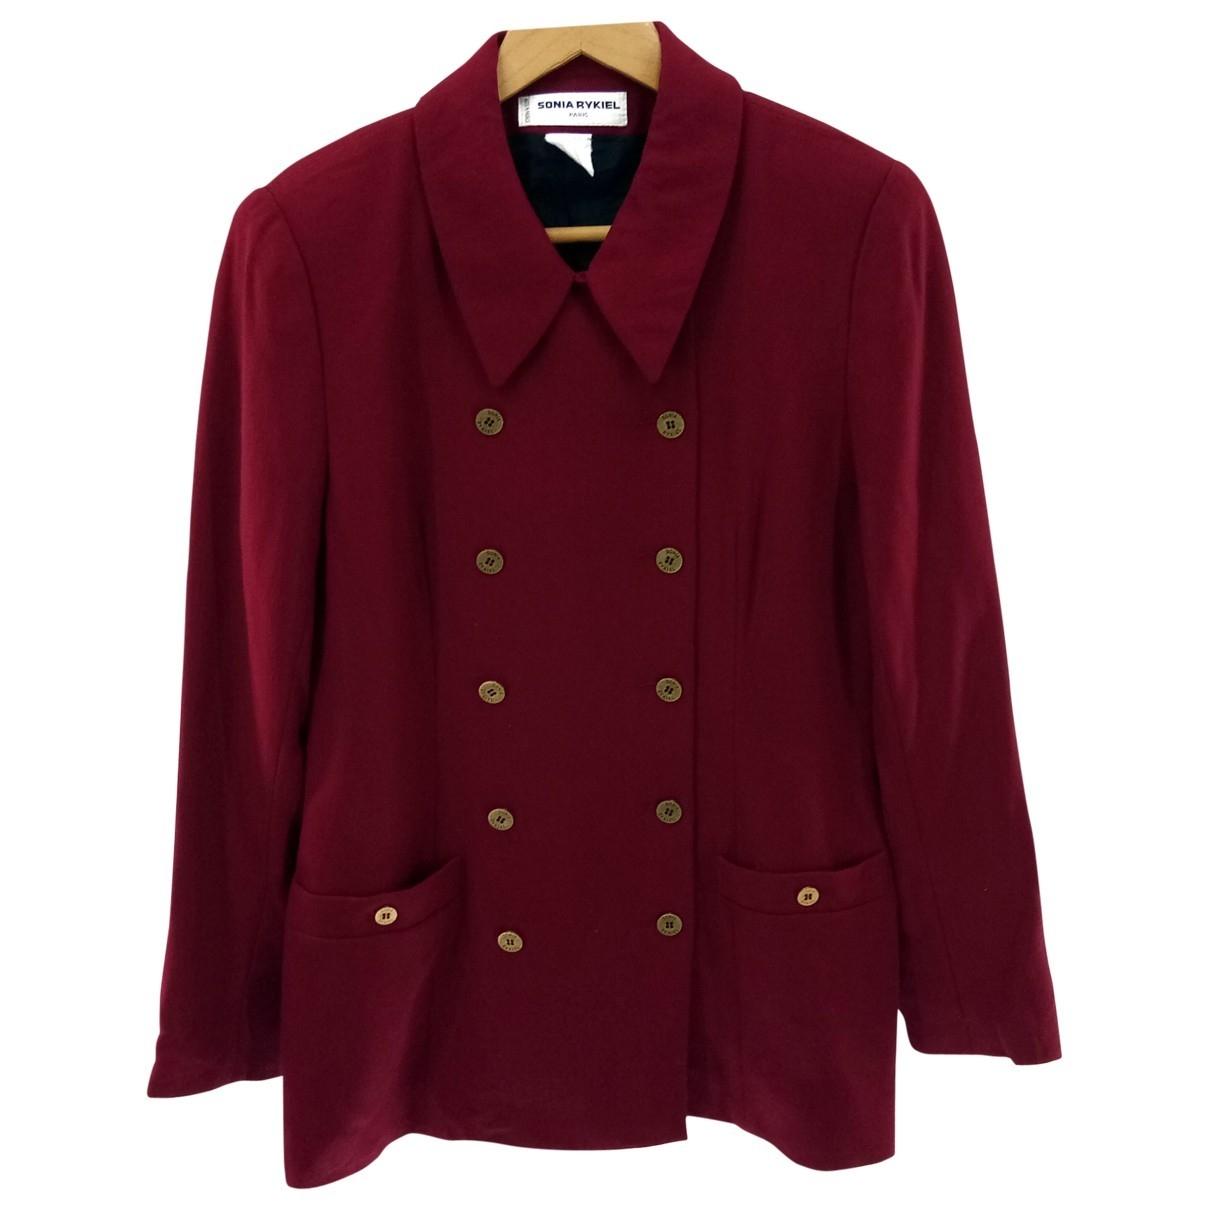 Sonia Rykiel - Manteau   pour femme en laine